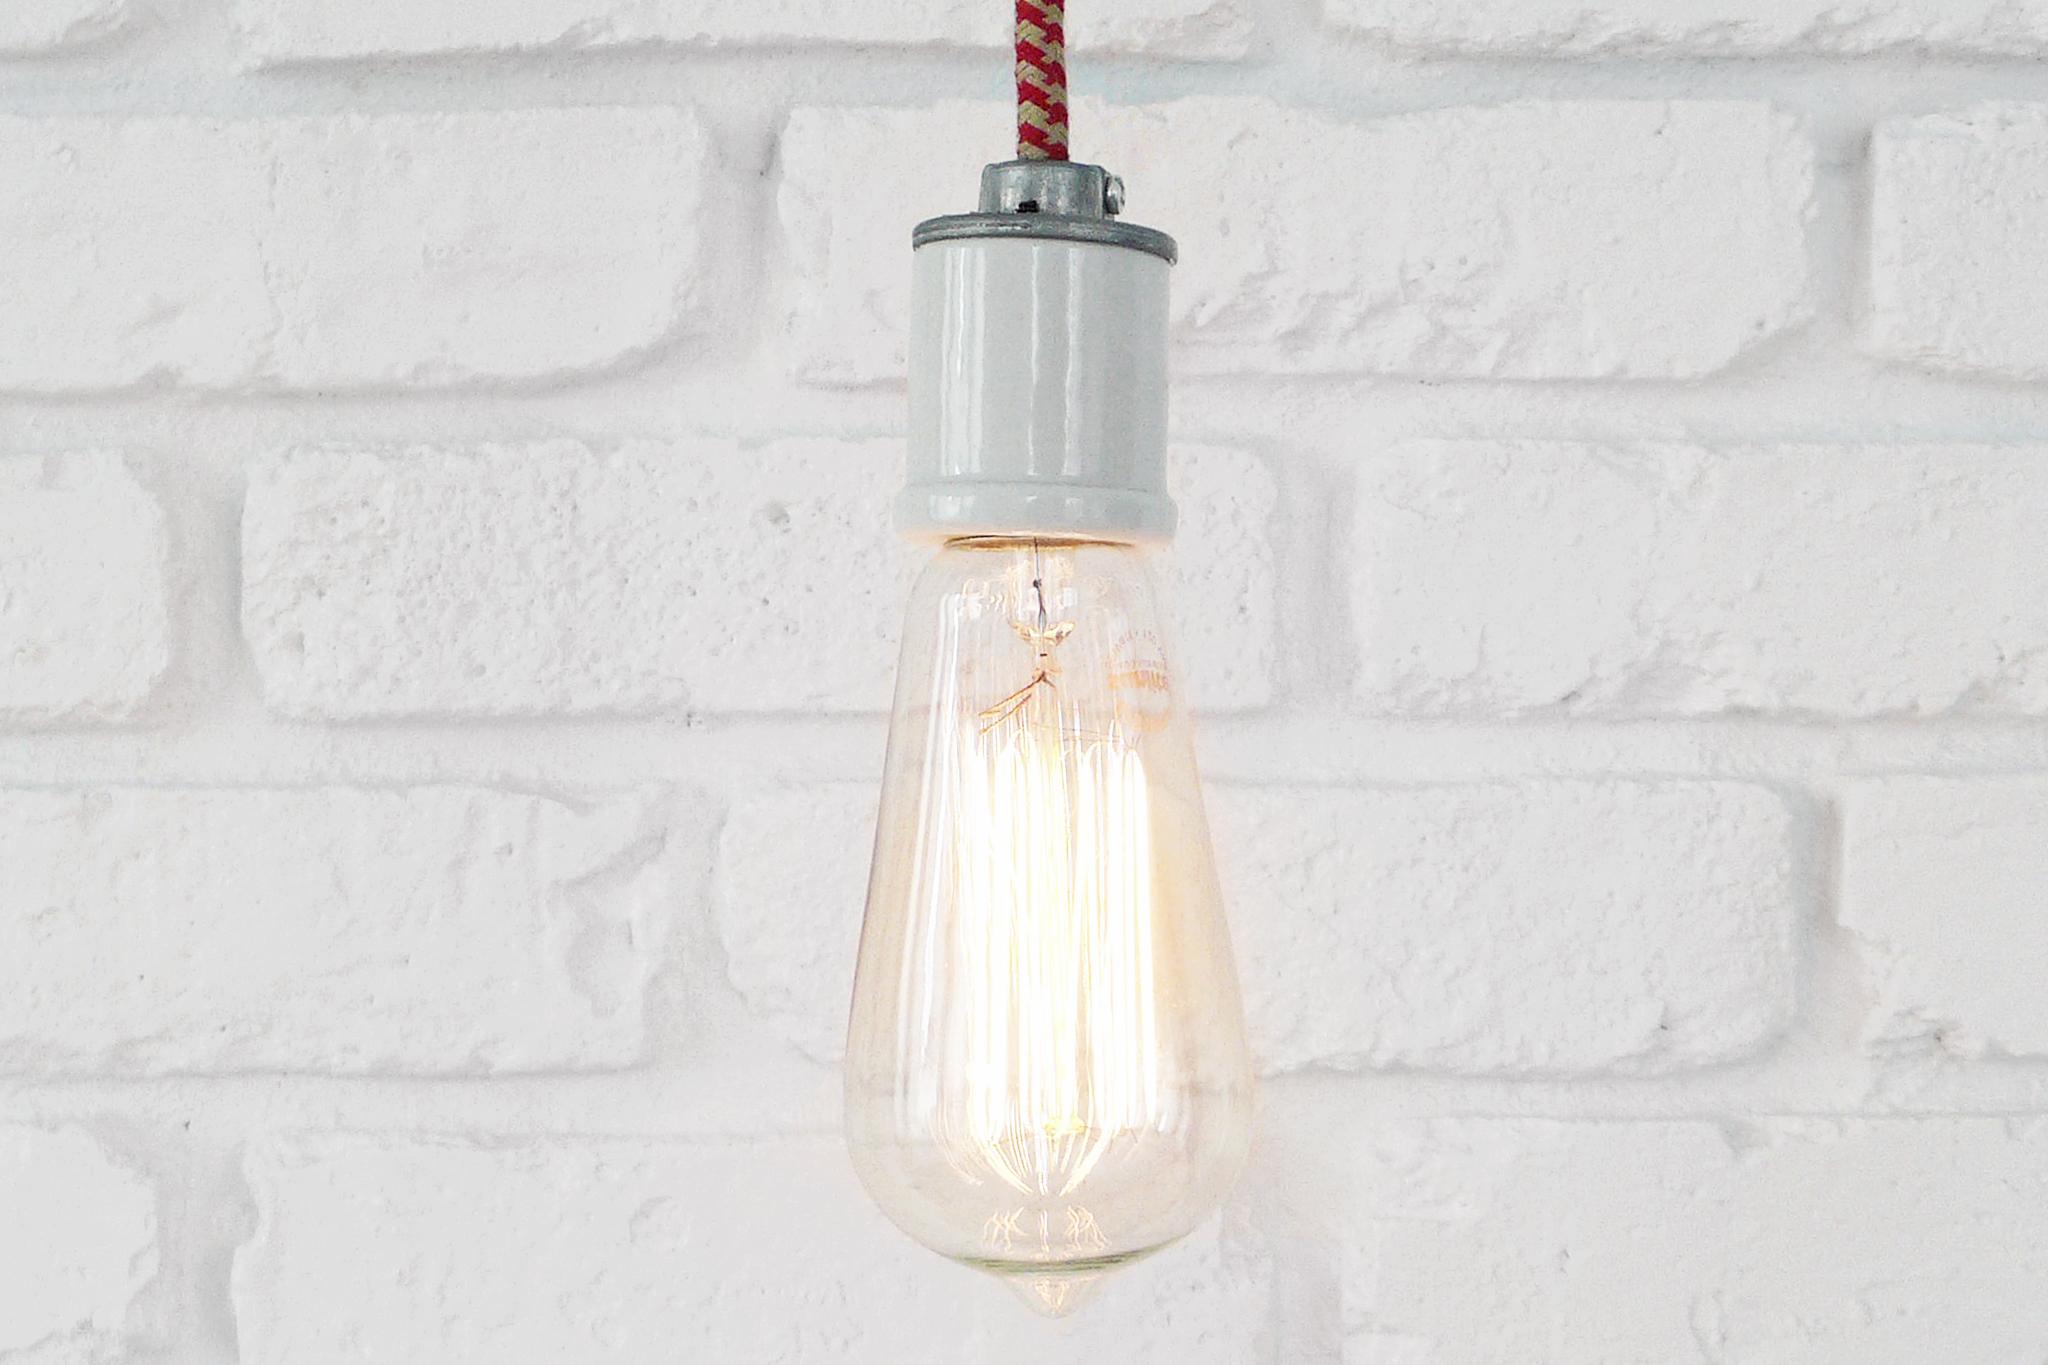 60w Light Bulb On Storenvy